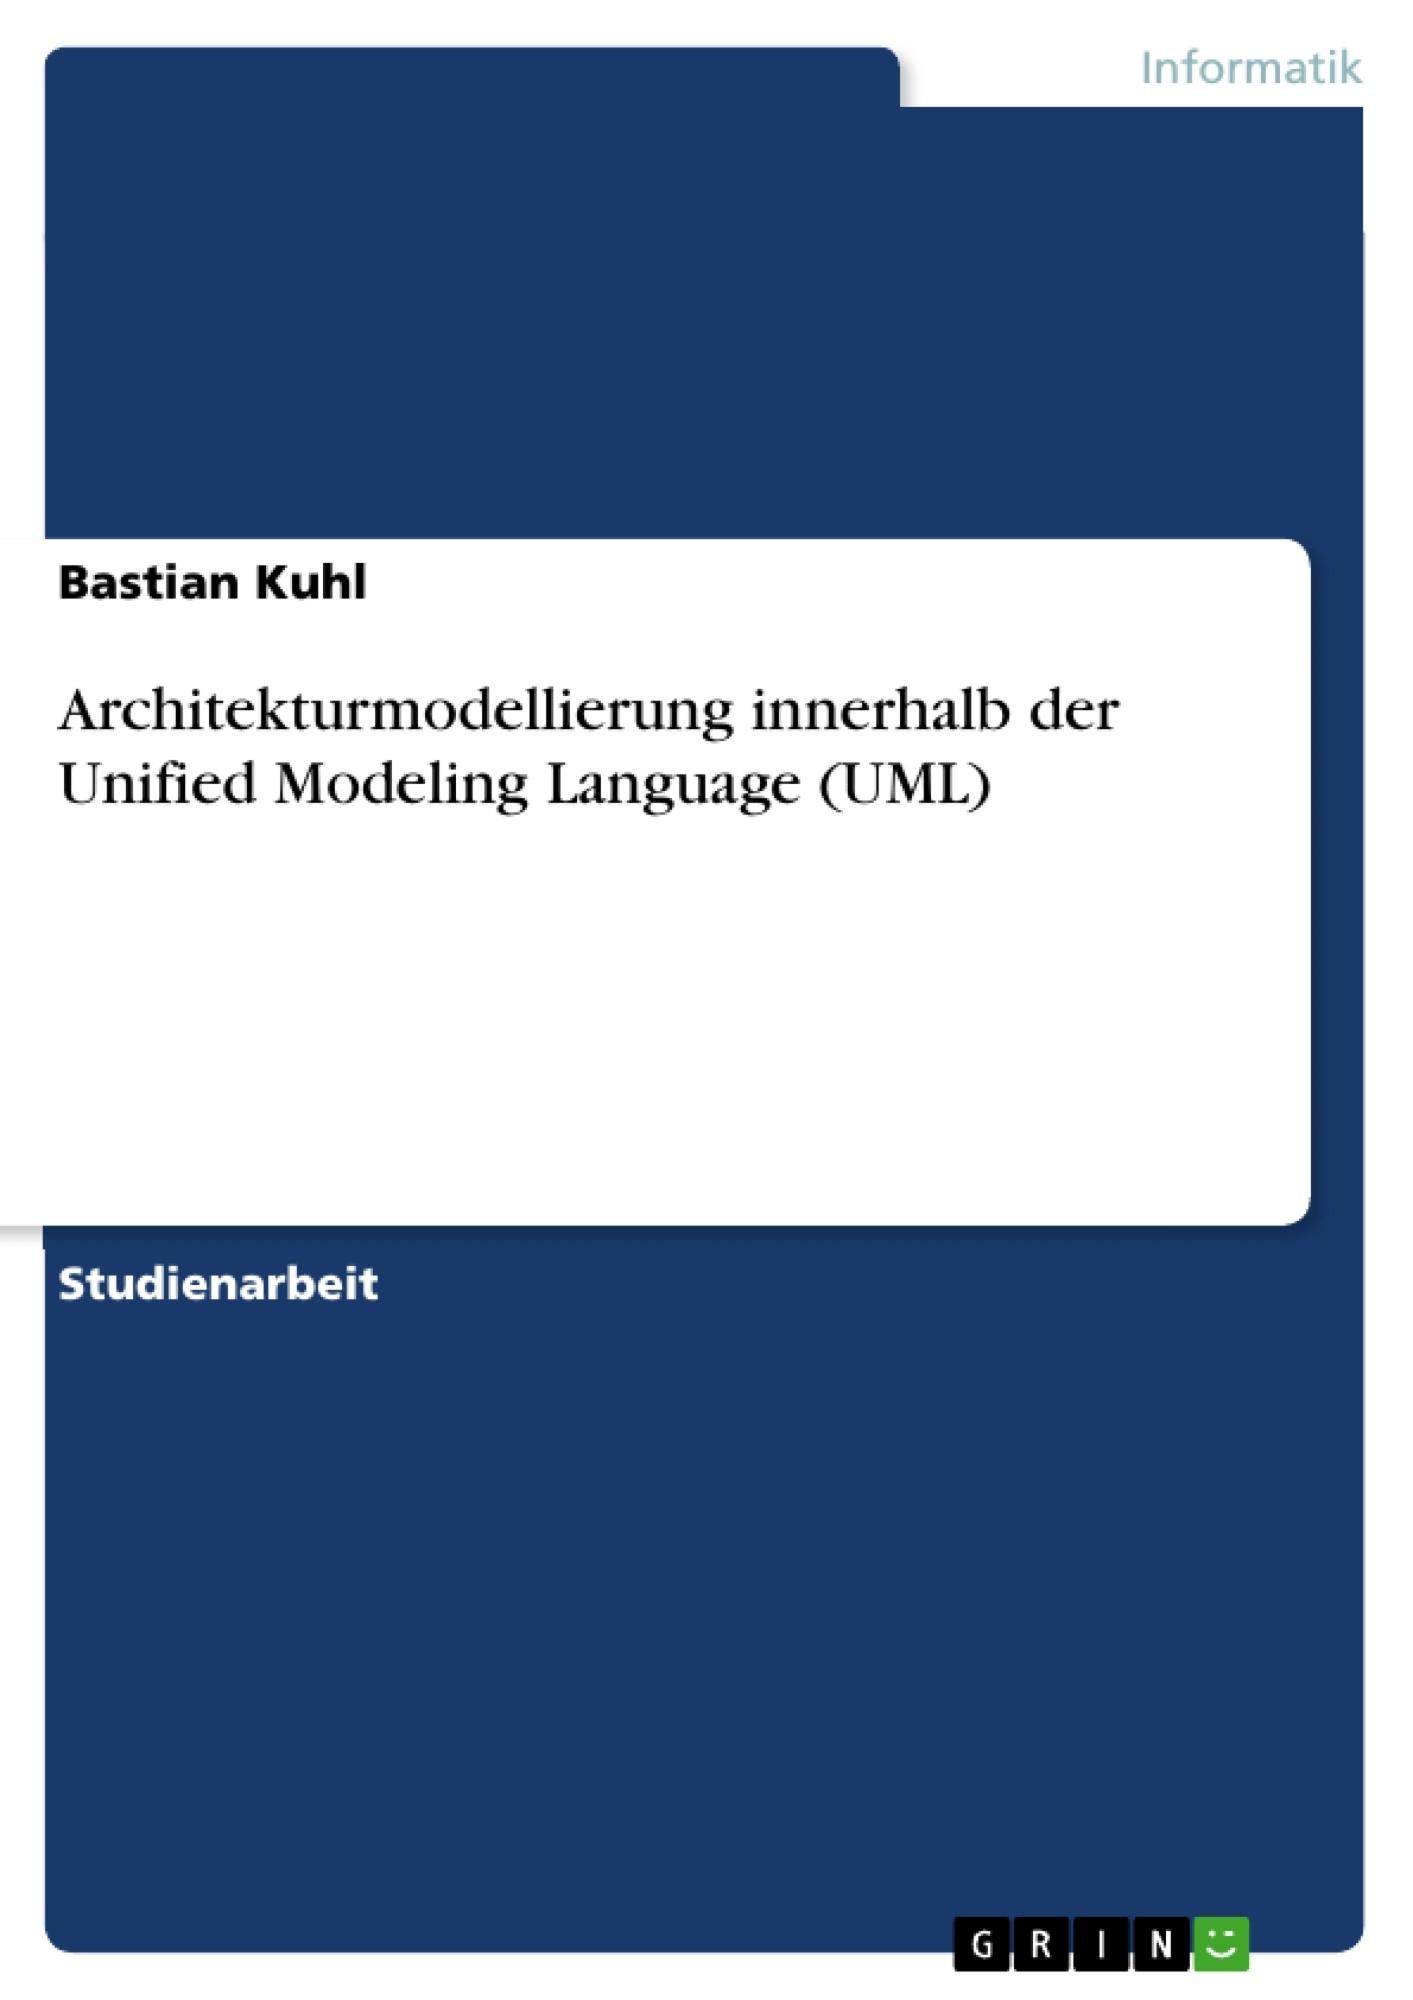 Titel: Architekturmodellierung innerhalb der Unified Modeling Language (UML)